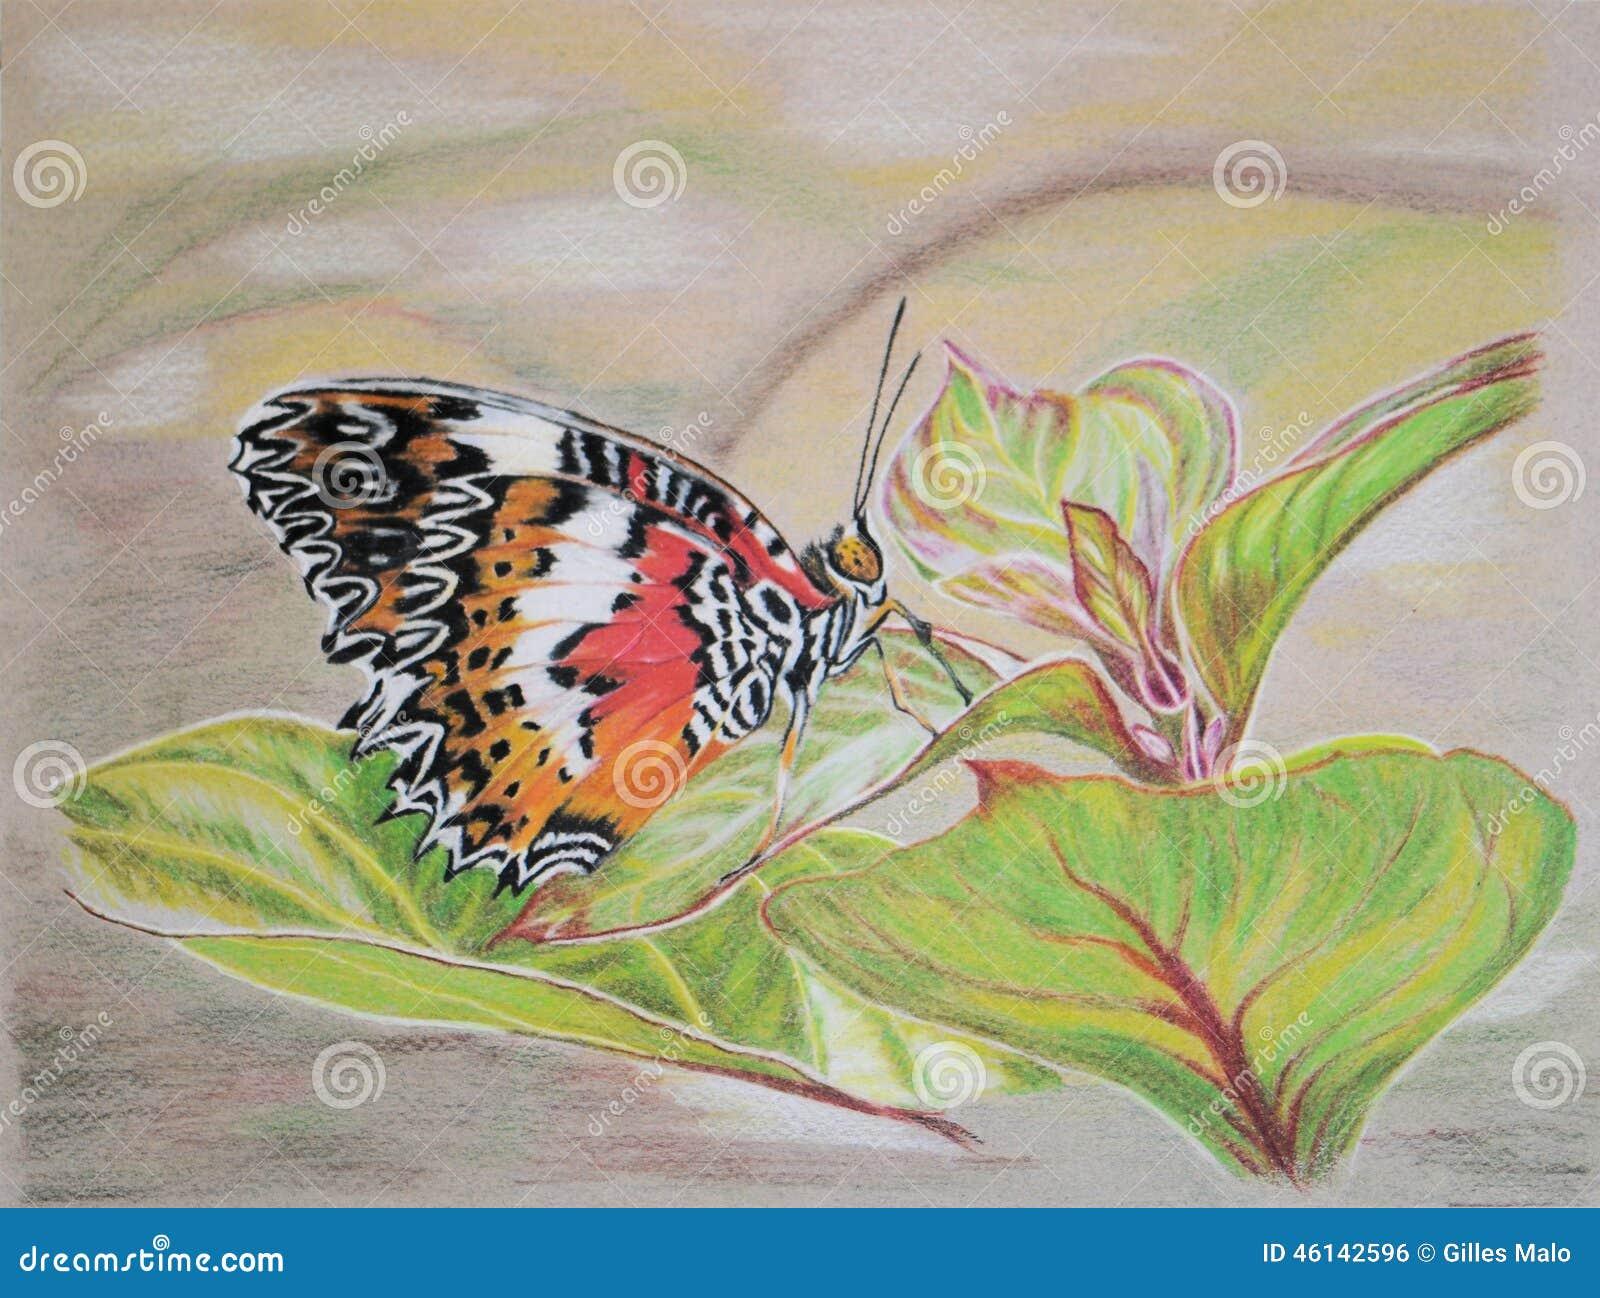 peinture de papillon de lacewing dessous illustration stock image 46142596. Black Bedroom Furniture Sets. Home Design Ideas